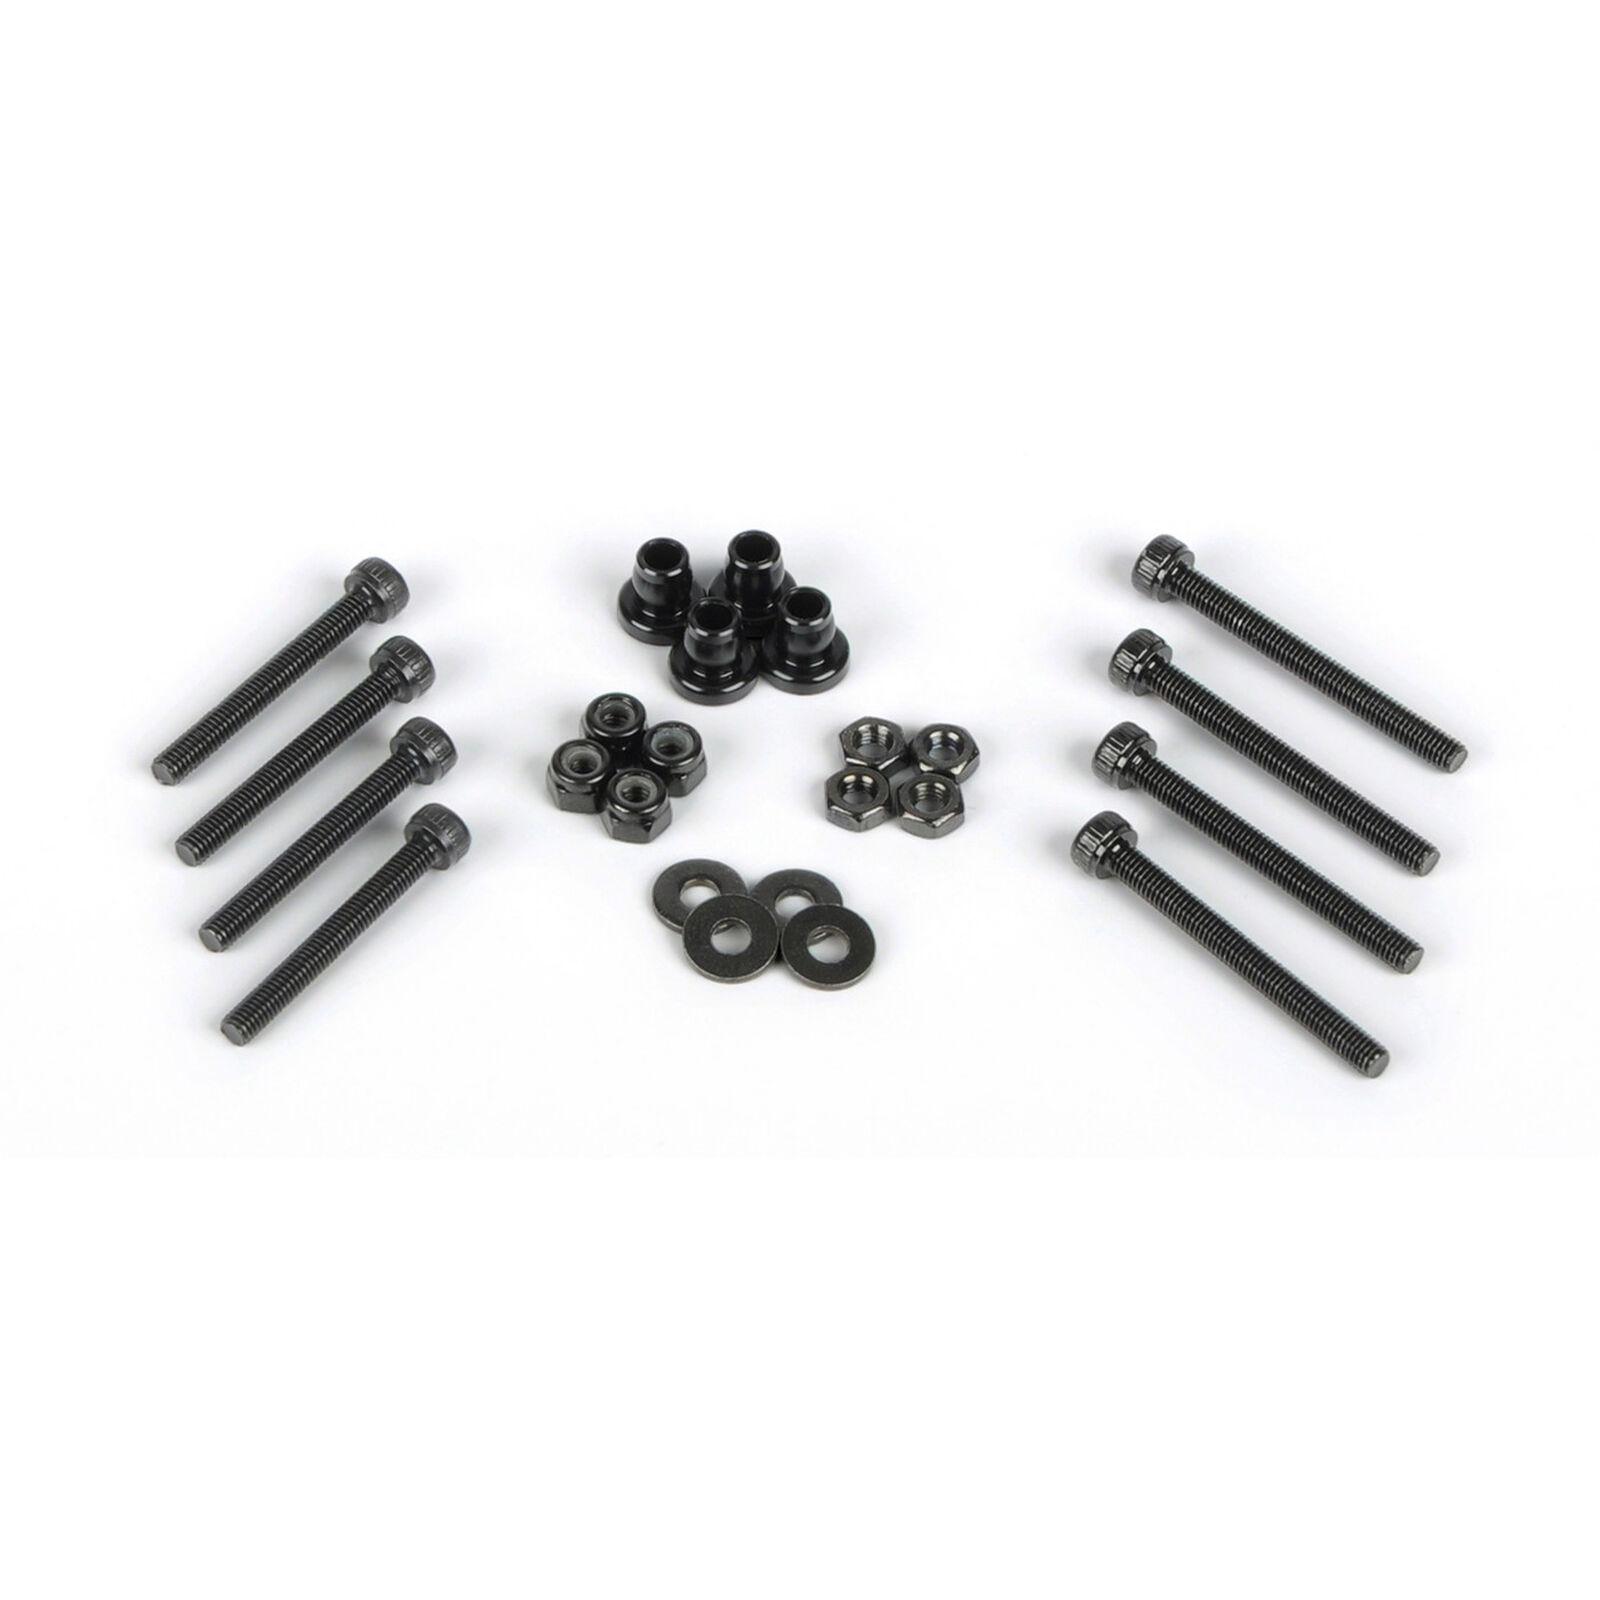 1/10 PowerStroke Universal Shock Mounting Kit: Short Course